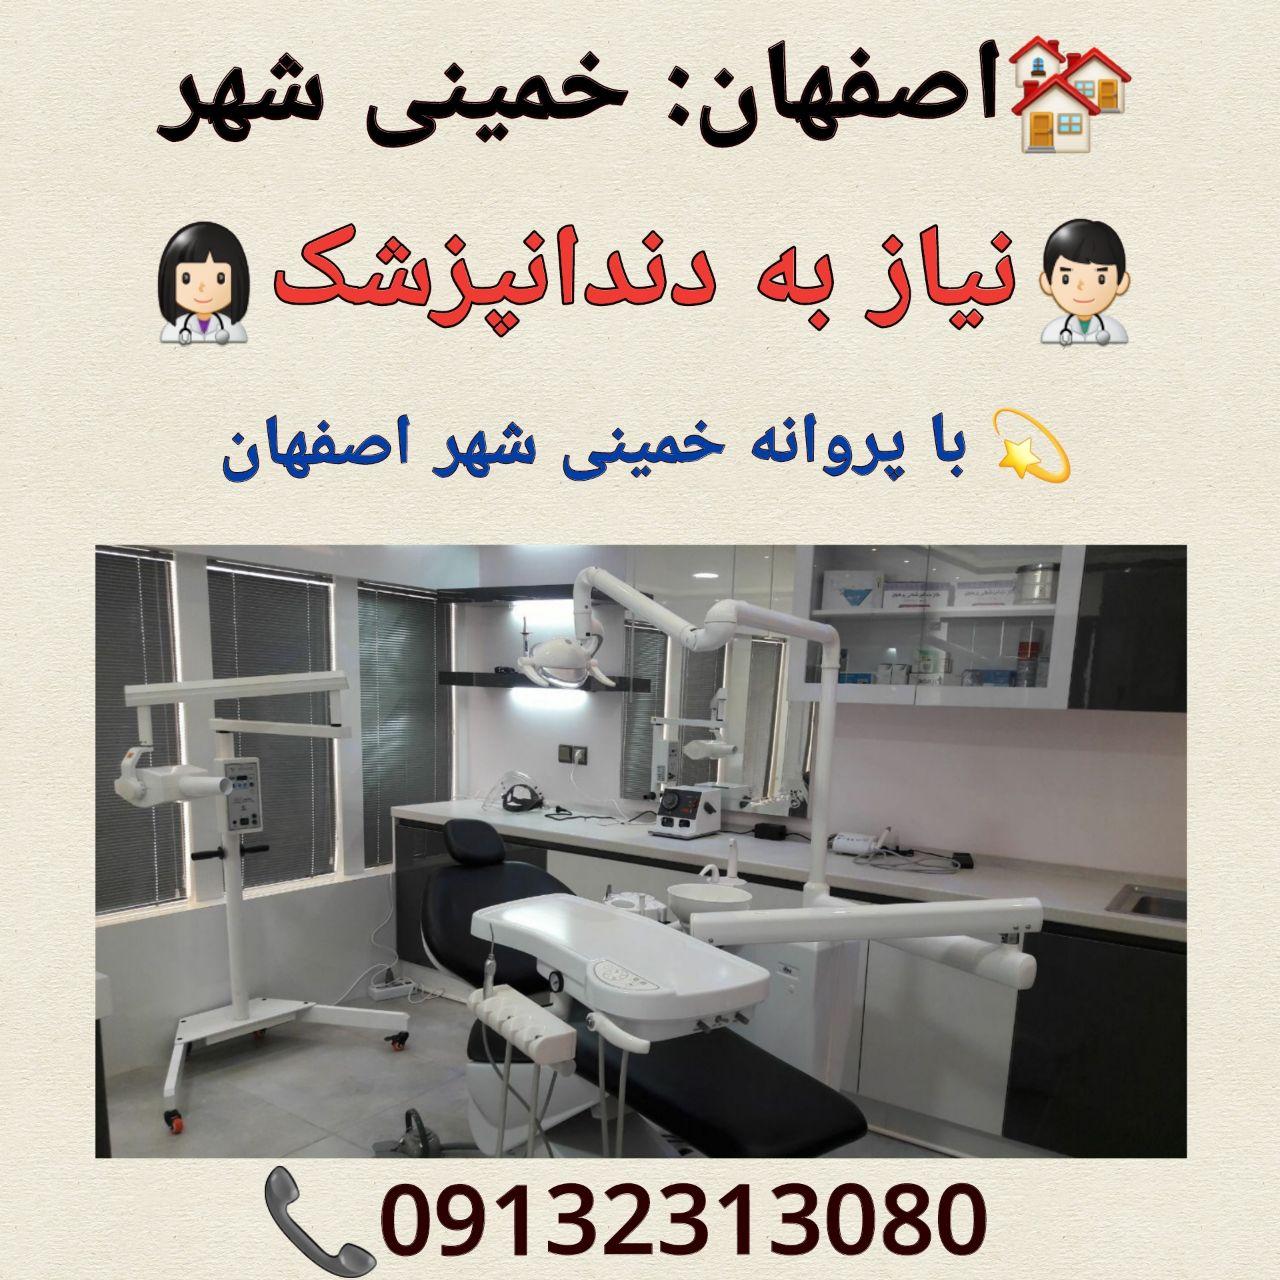 اصفهان: خمینی شهر، نیاز به دندانپزشک